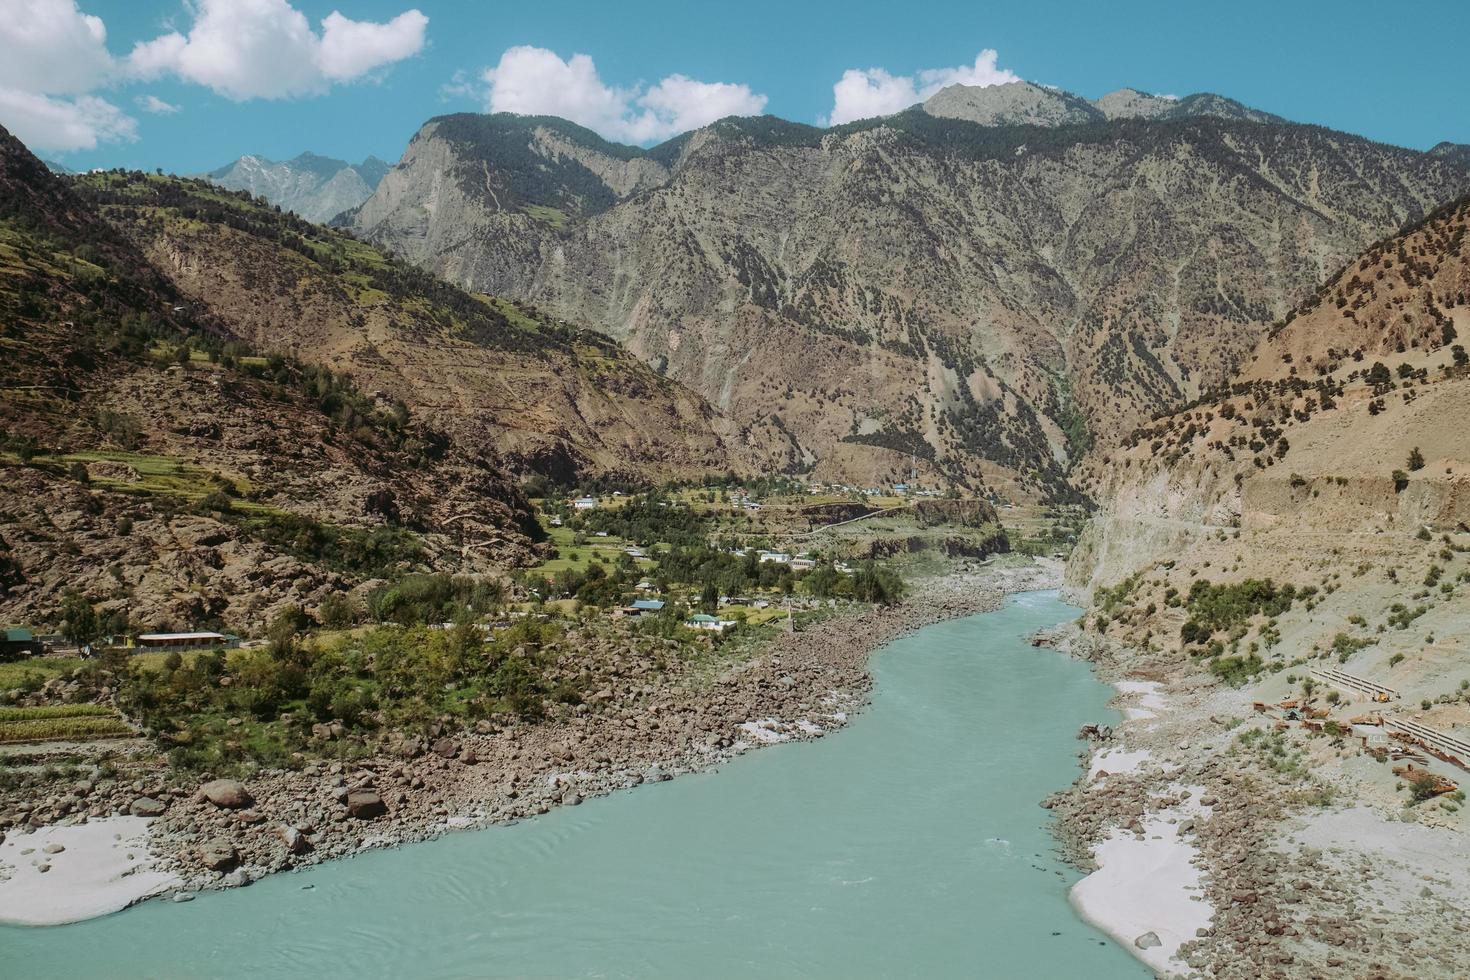 fiume Indo che scorre attraverso le montagne foto